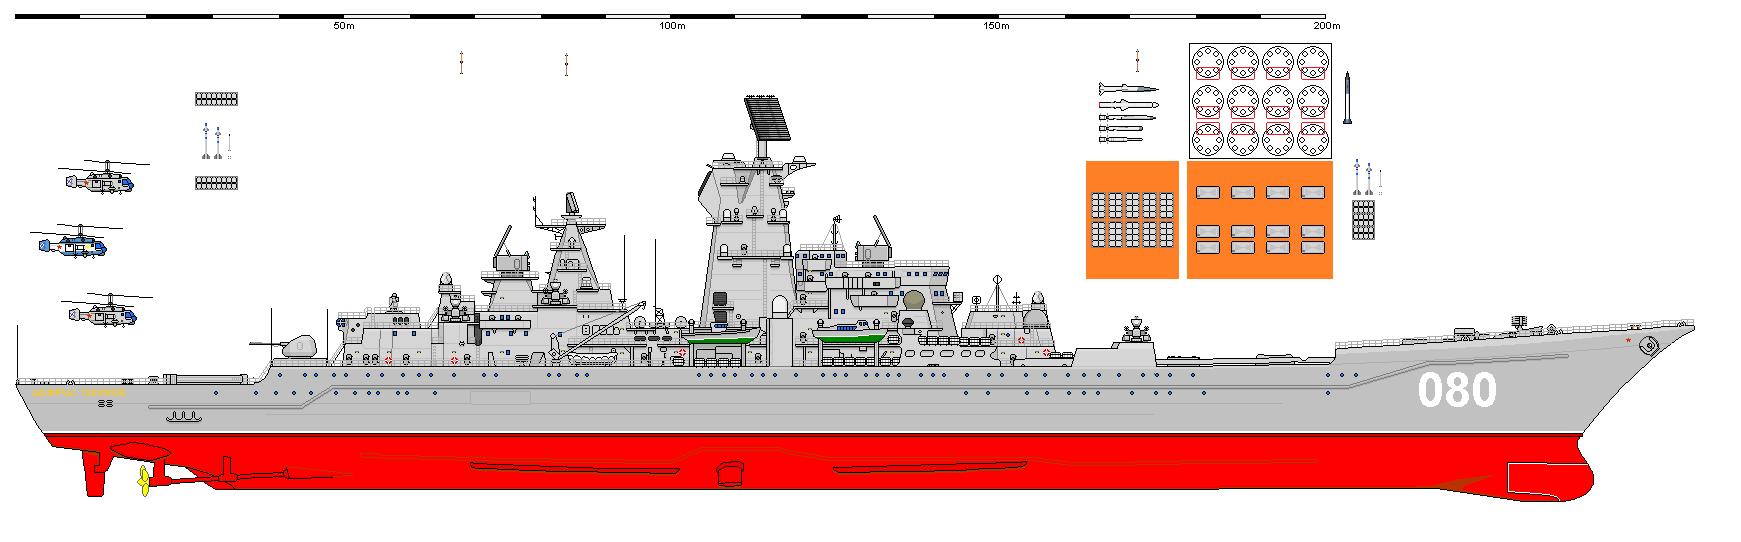 Адмирал Нахимов.png